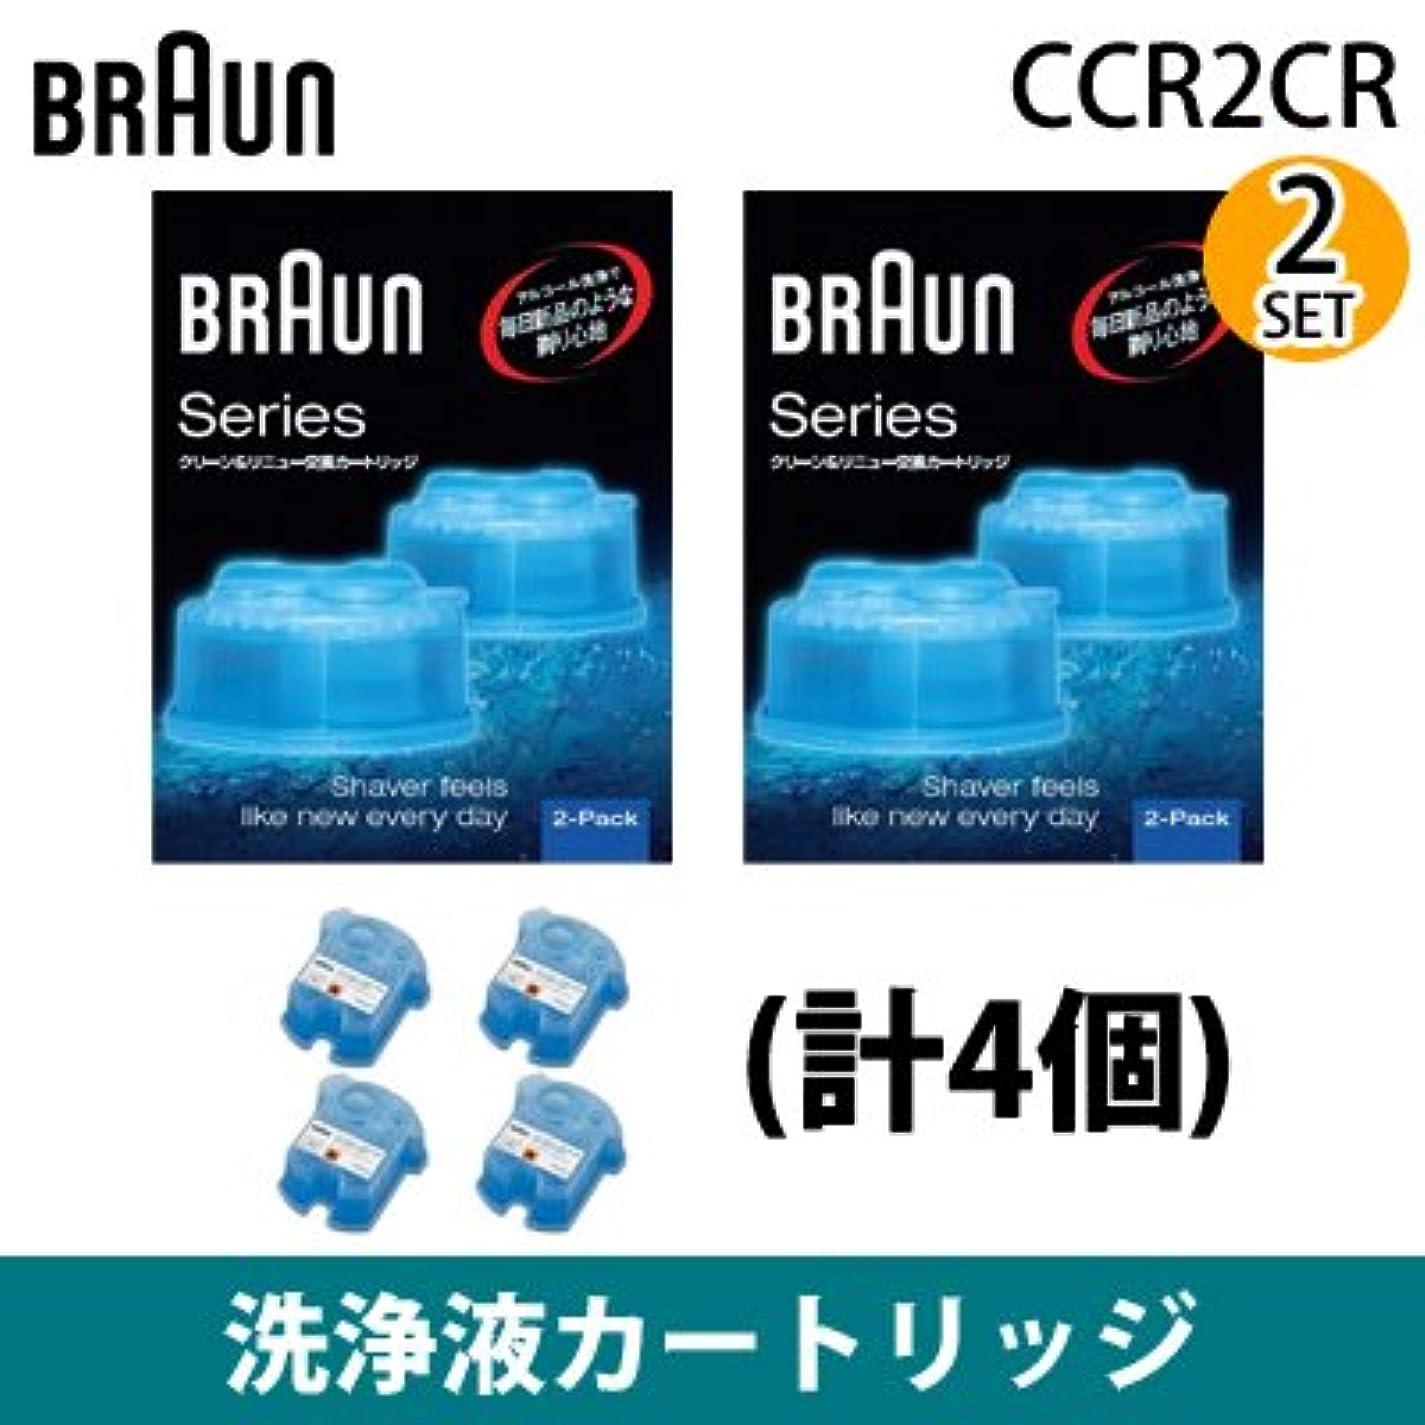 しつけ勤勉なエキサイティング【2セット】ブラウン メンズシェーバー アルコール洗浄システム専用洗浄液カートリッジ (2個入×2セット)(計4個) CCR2CR-2SET